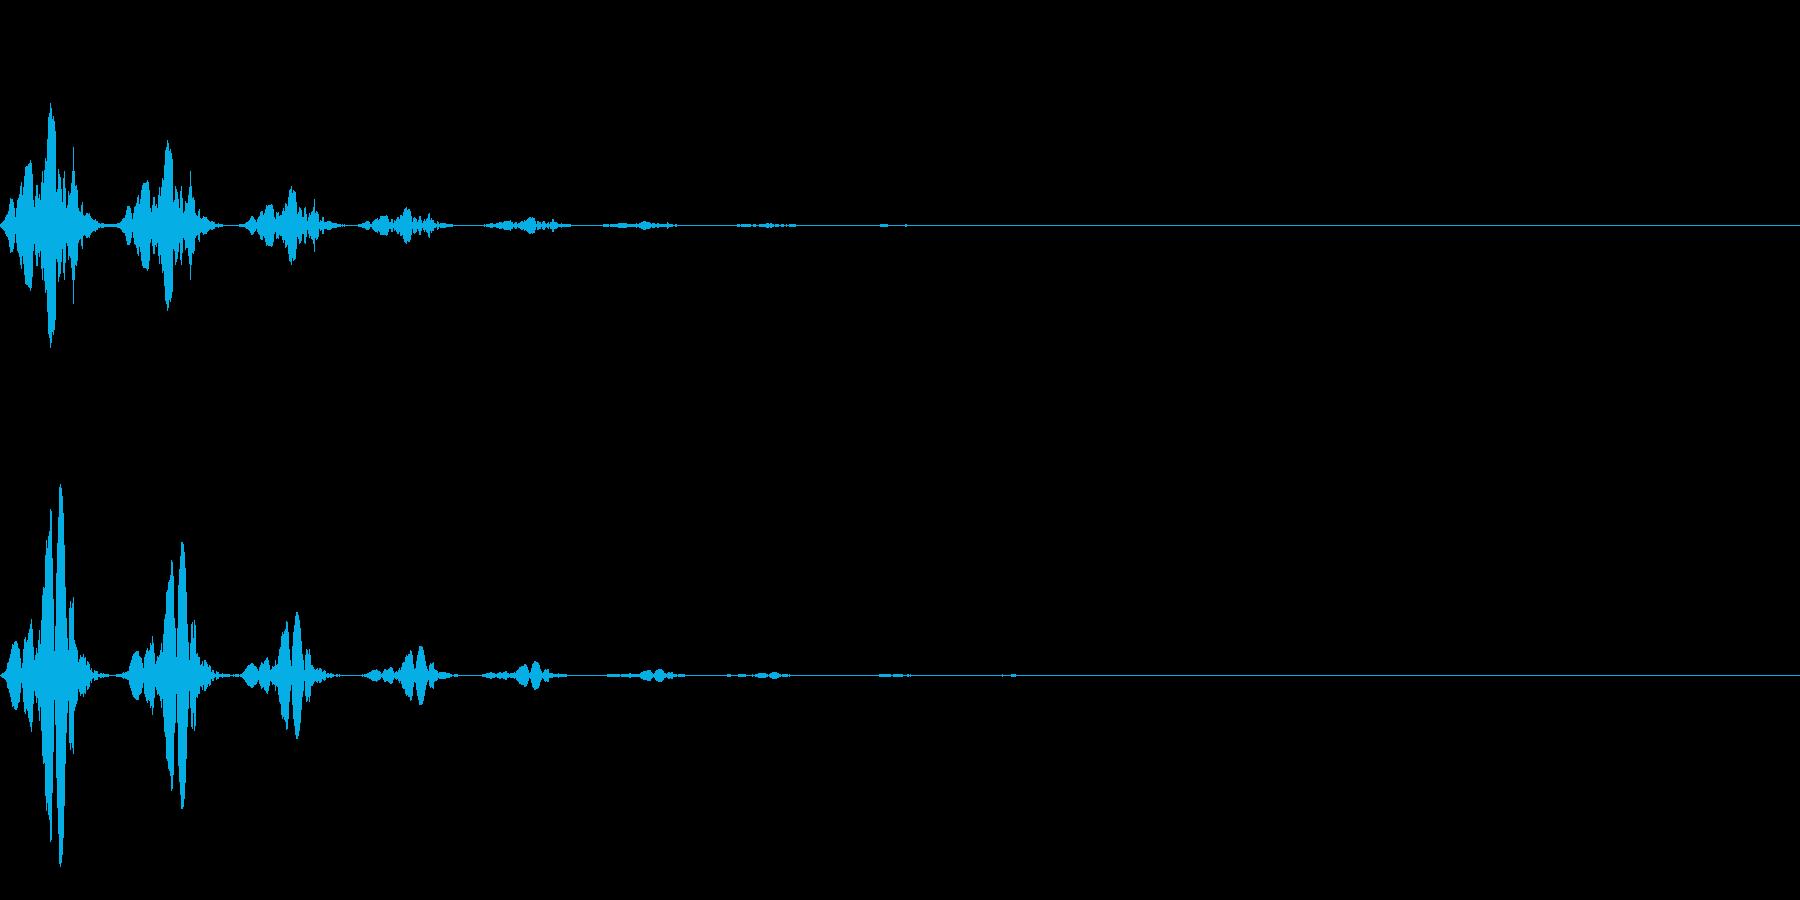 TVFX テレビ向けモーションSE 1の再生済みの波形